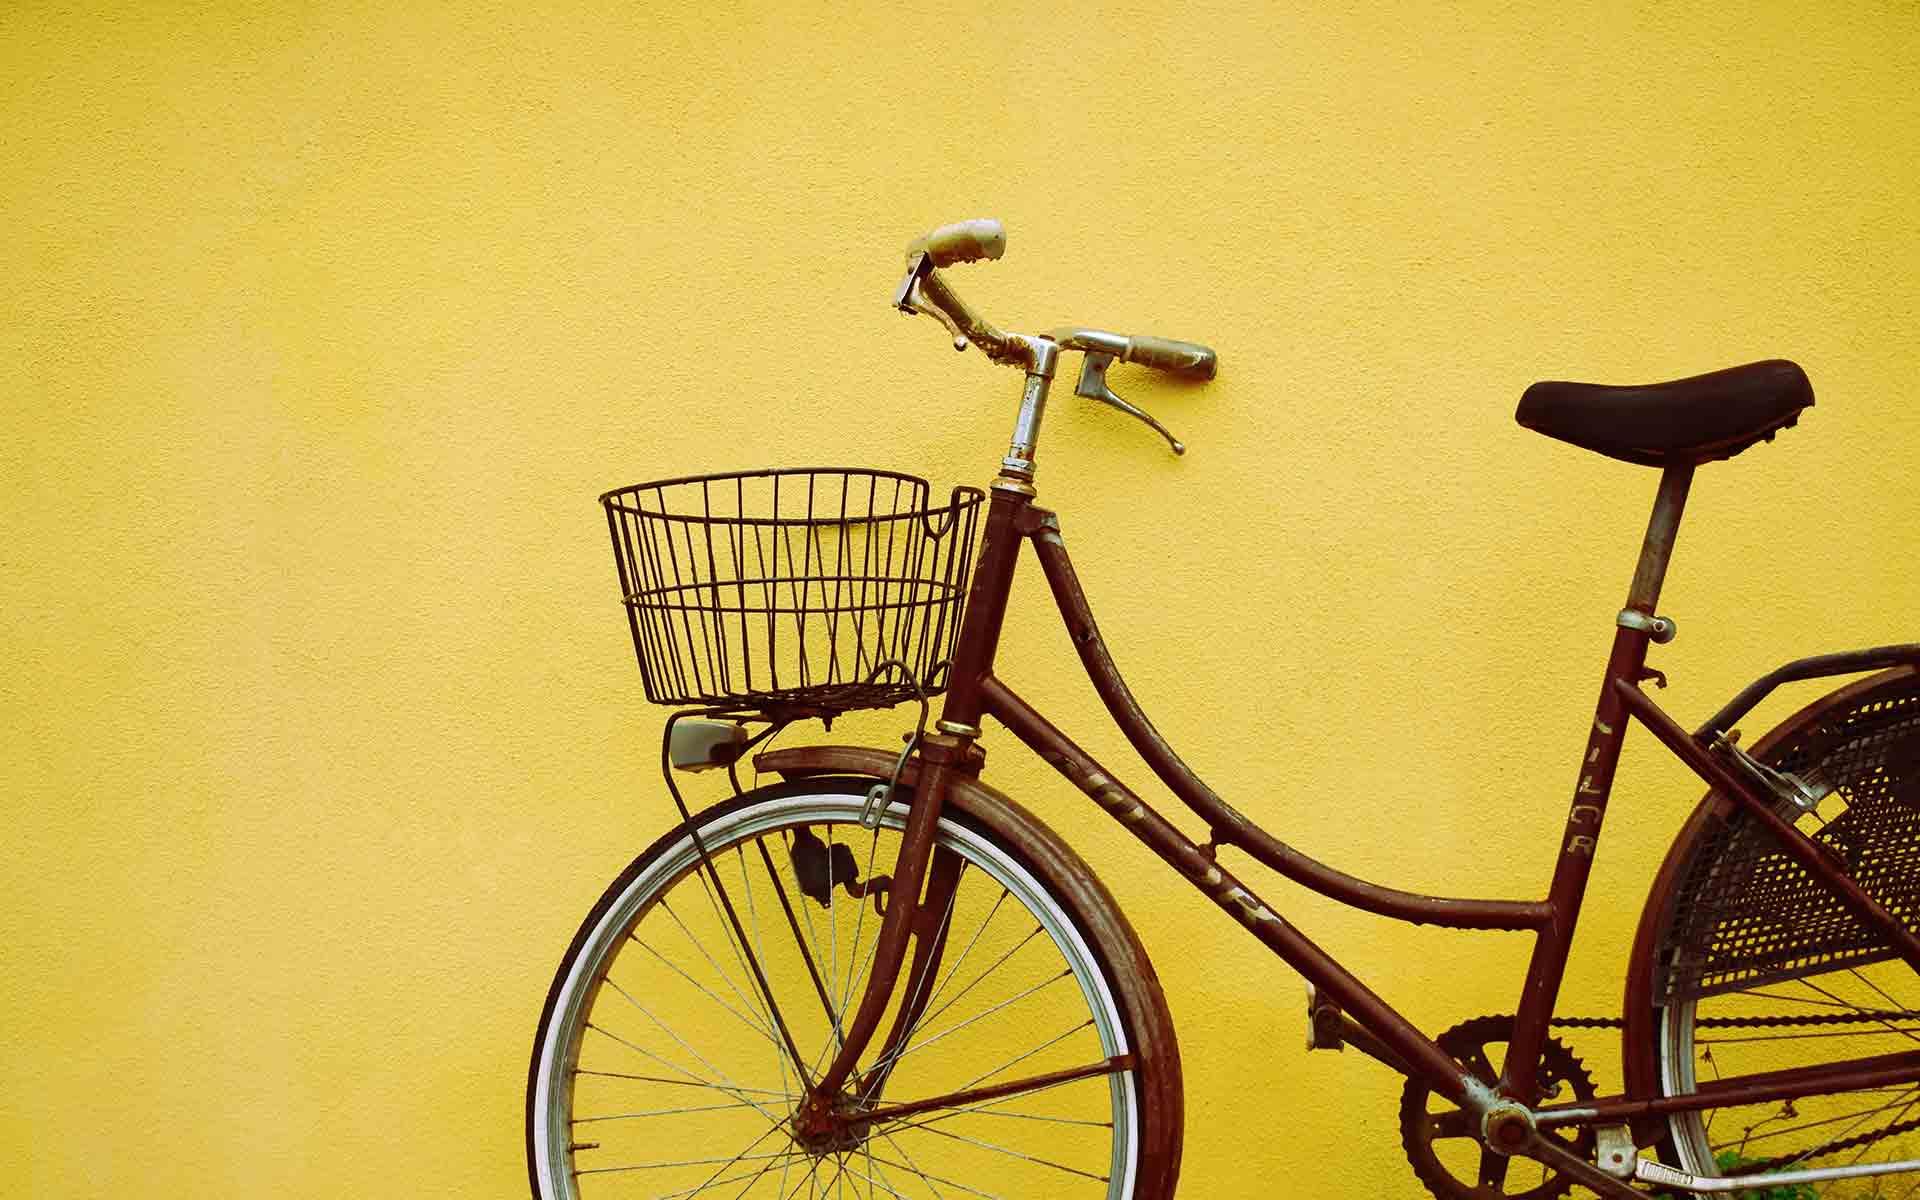 Ein Fahrrad angelehnt an einer Wand